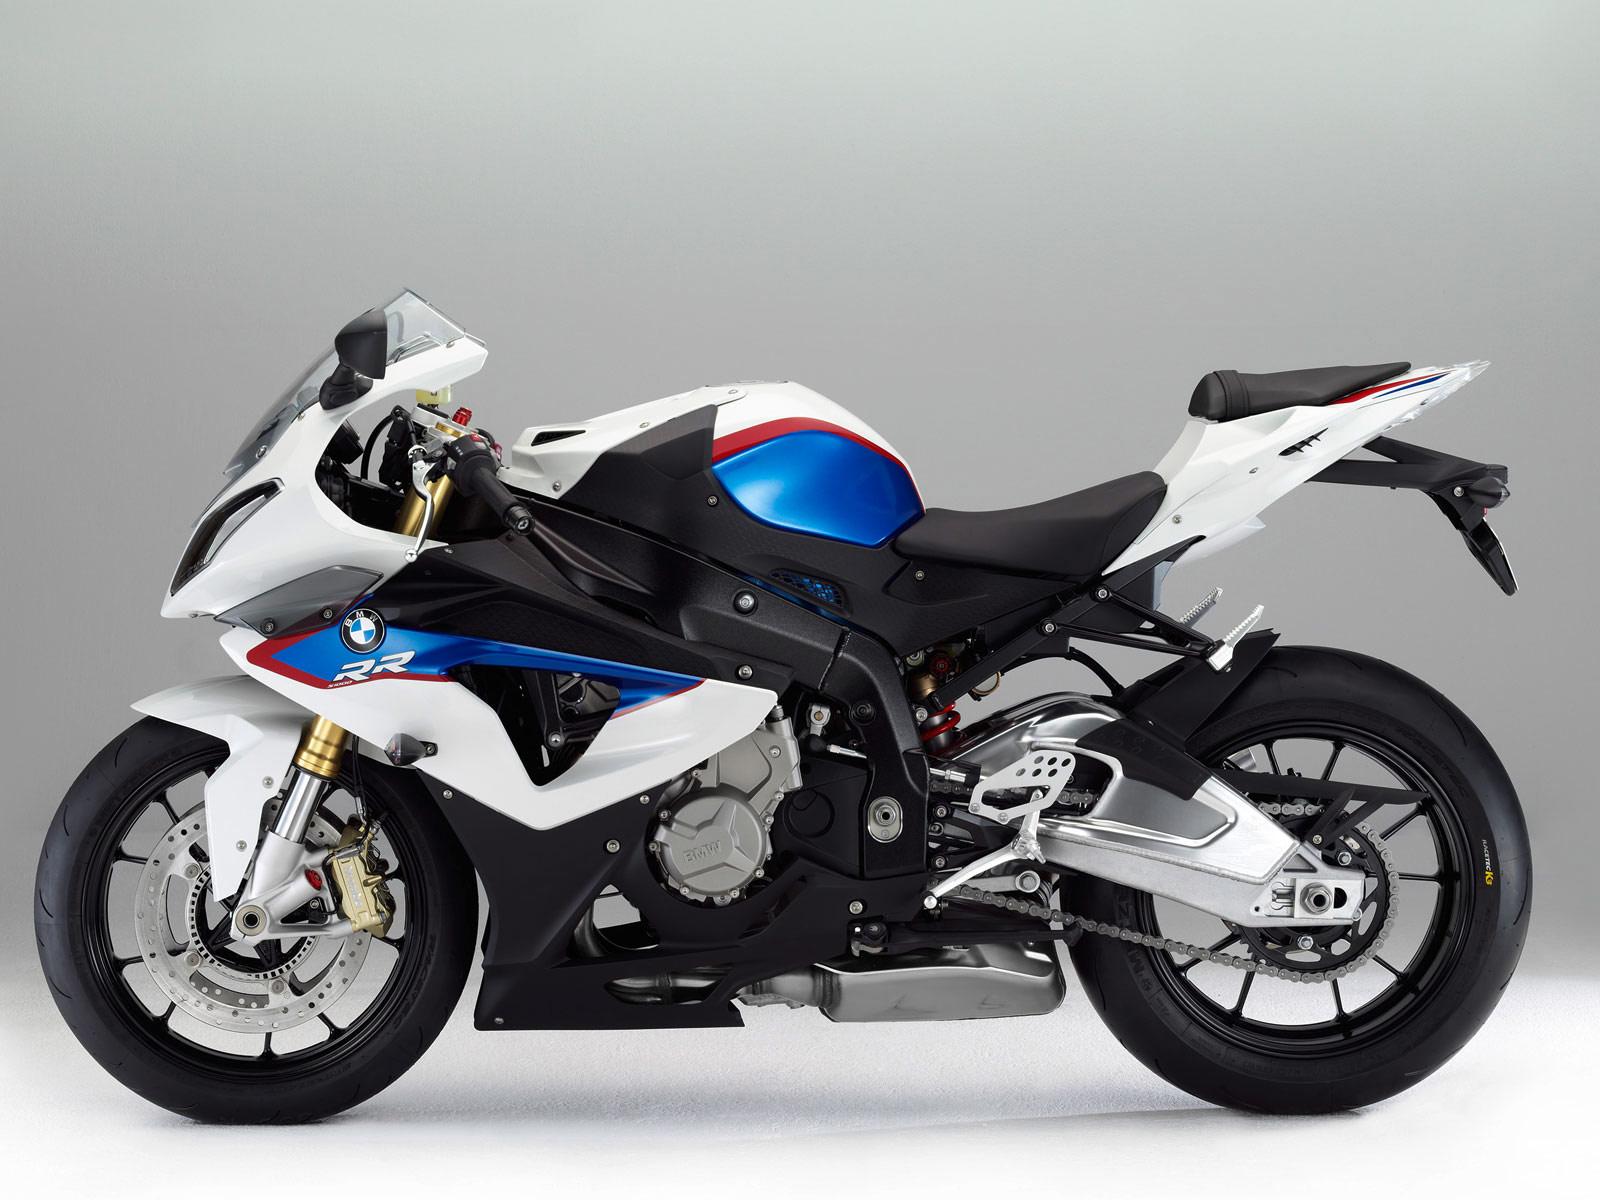 2012 BMW S1000RR Motorcycle Desktop Wallpapers 1600x1200